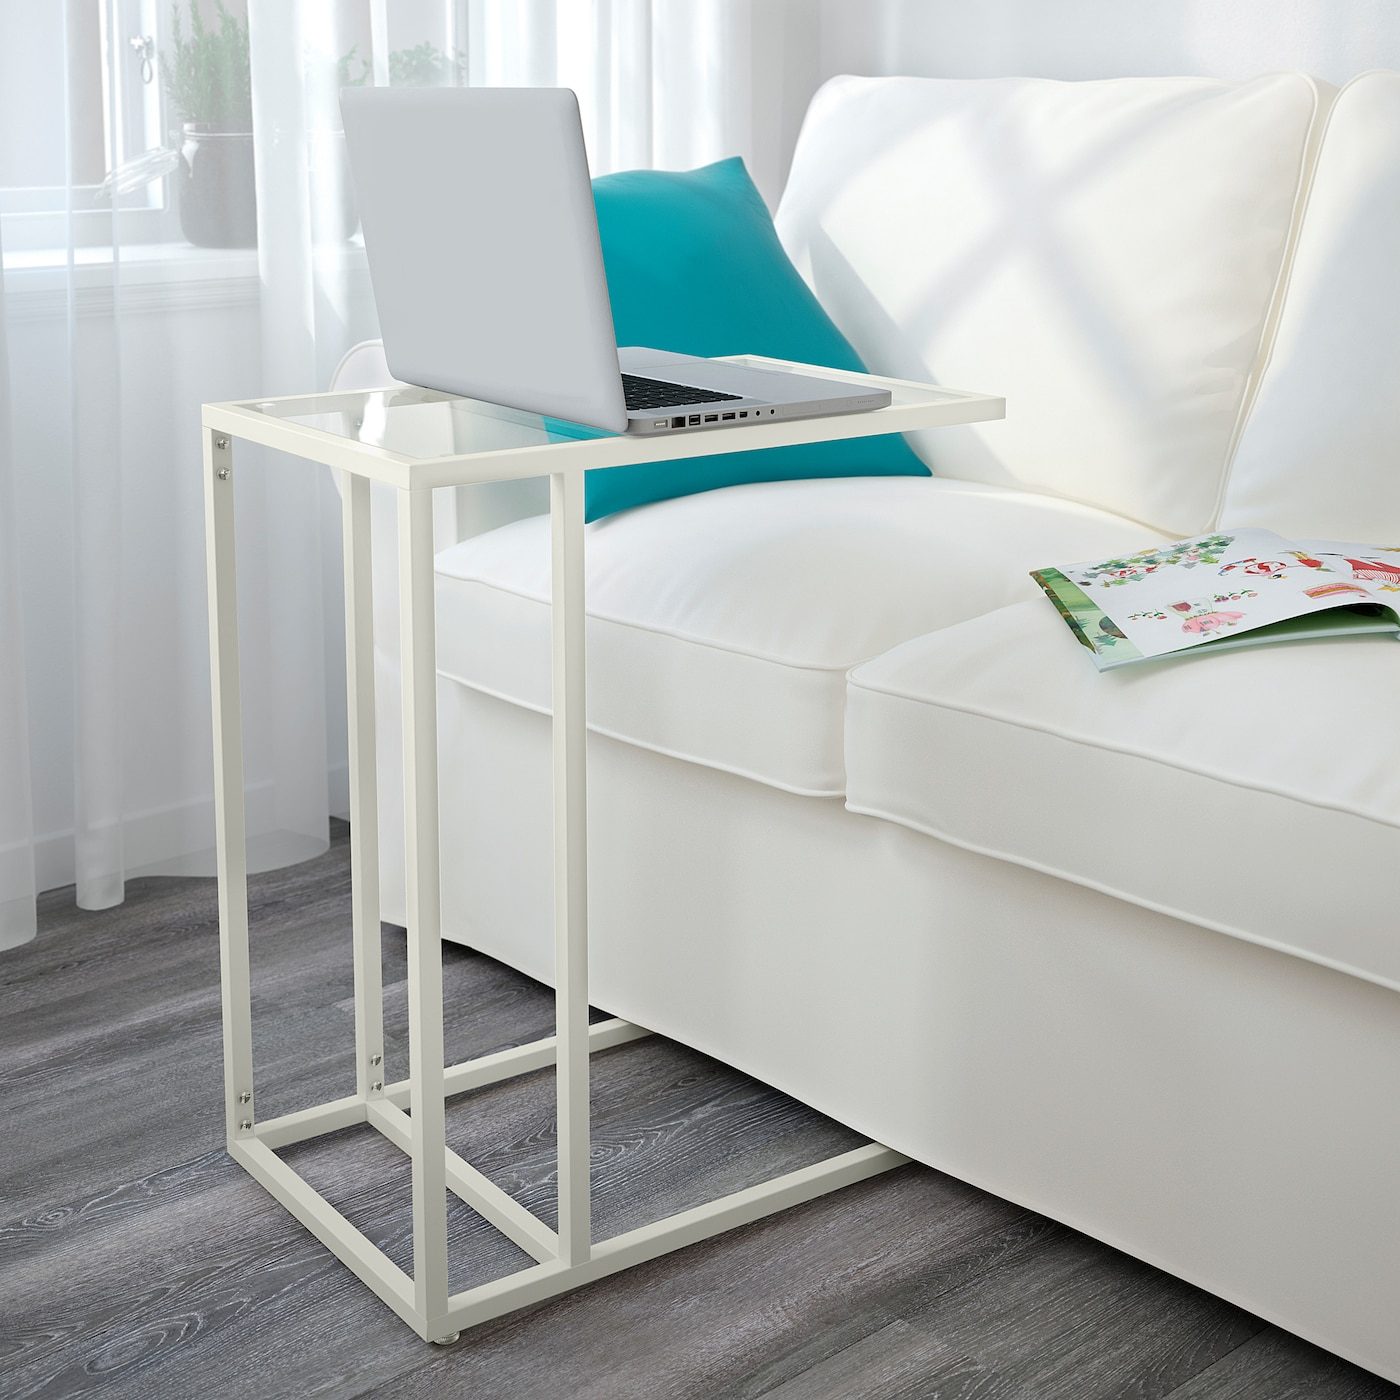 Vittsjo Supporto Per Pc Portatile Bianco Vetro 35x65 Cm Ikea Svizzera